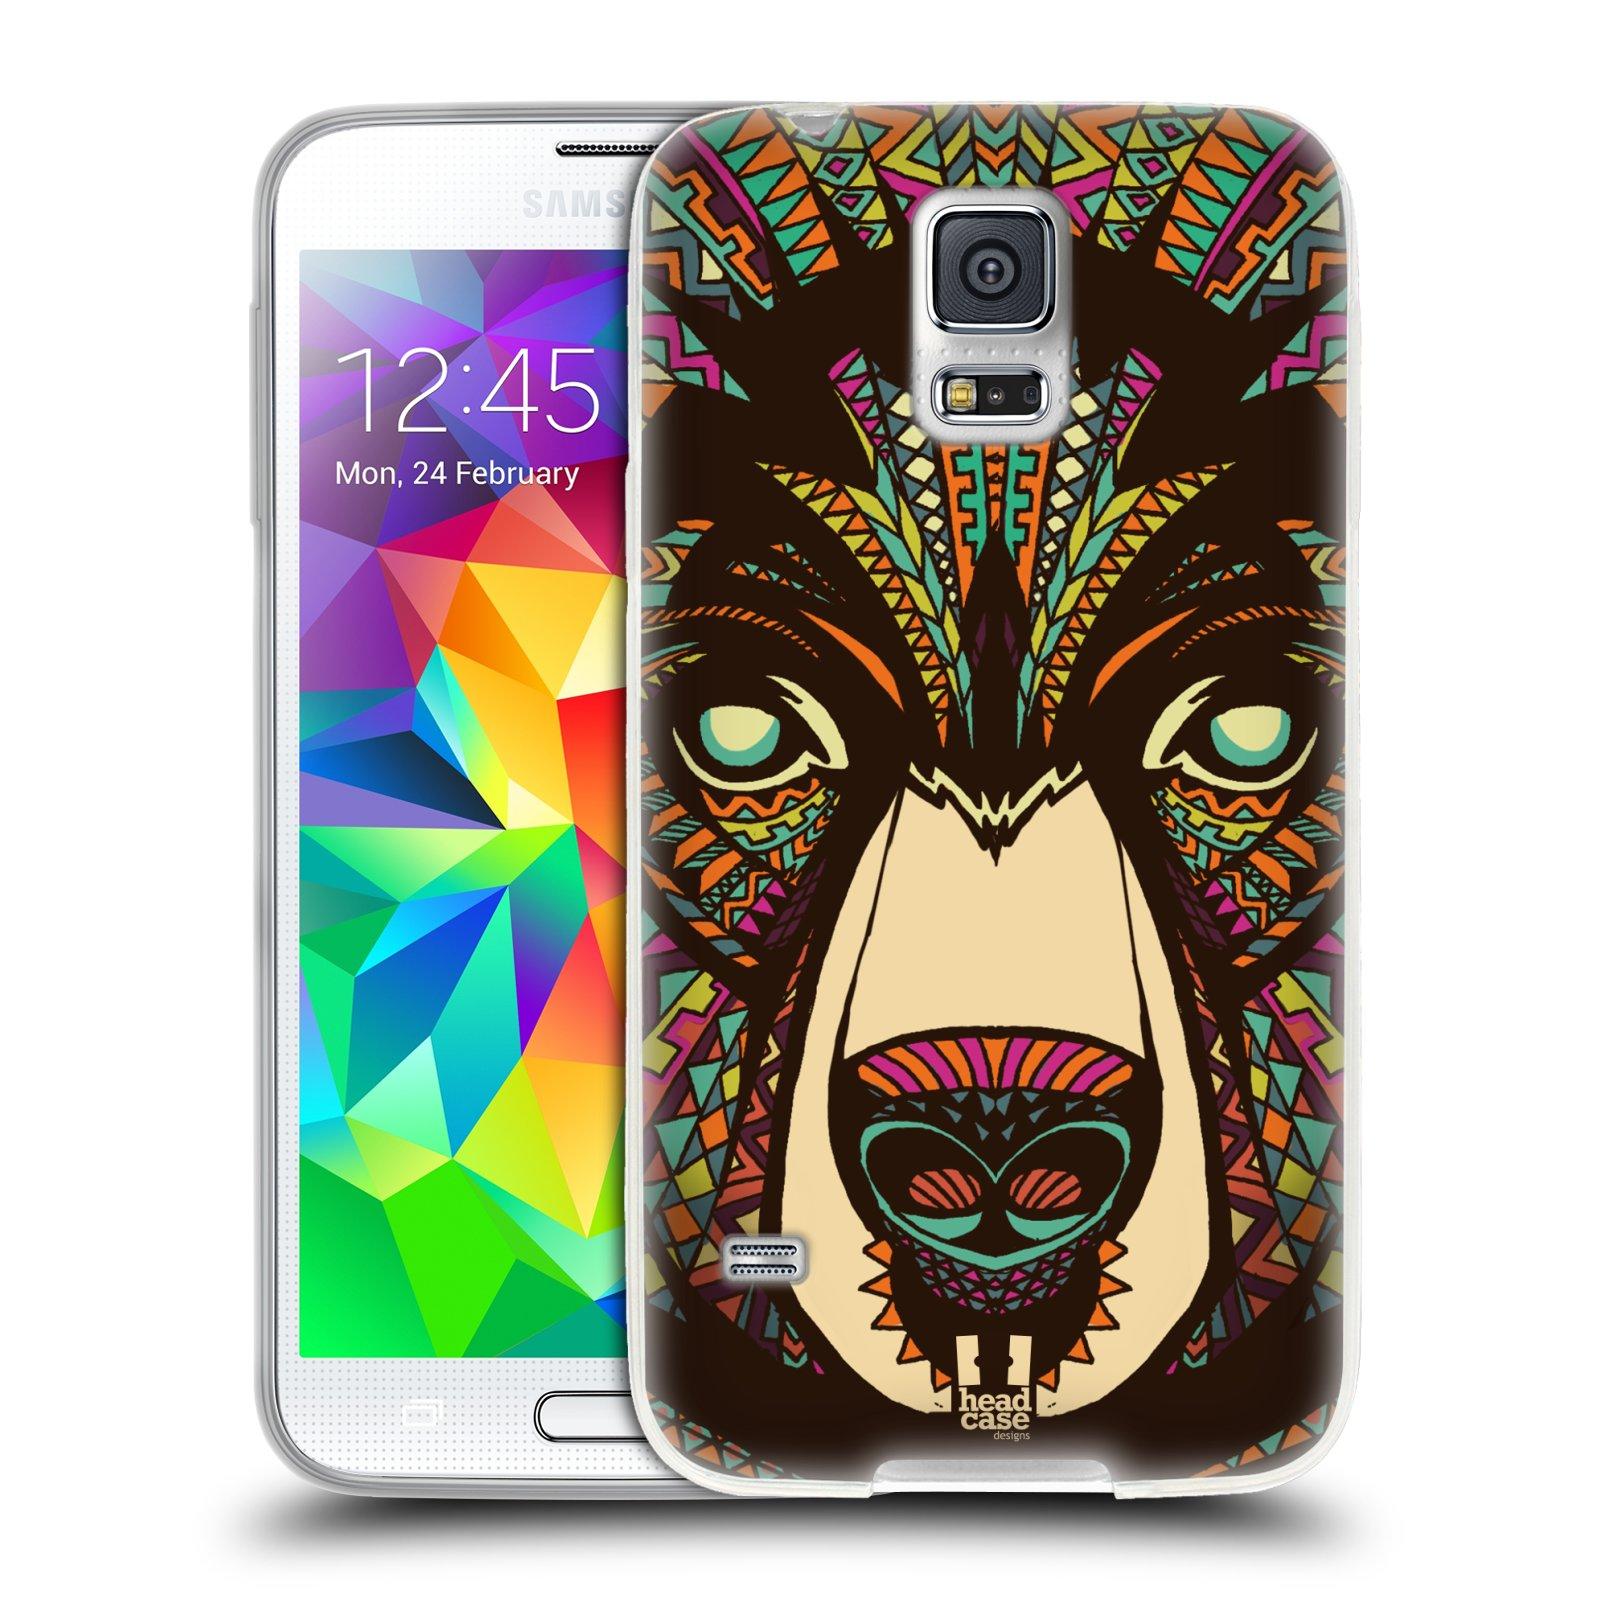 Silikonové pouzdro na mobil Samsung Galaxy S5 HEAD CASE AZTEC MEDVĚD